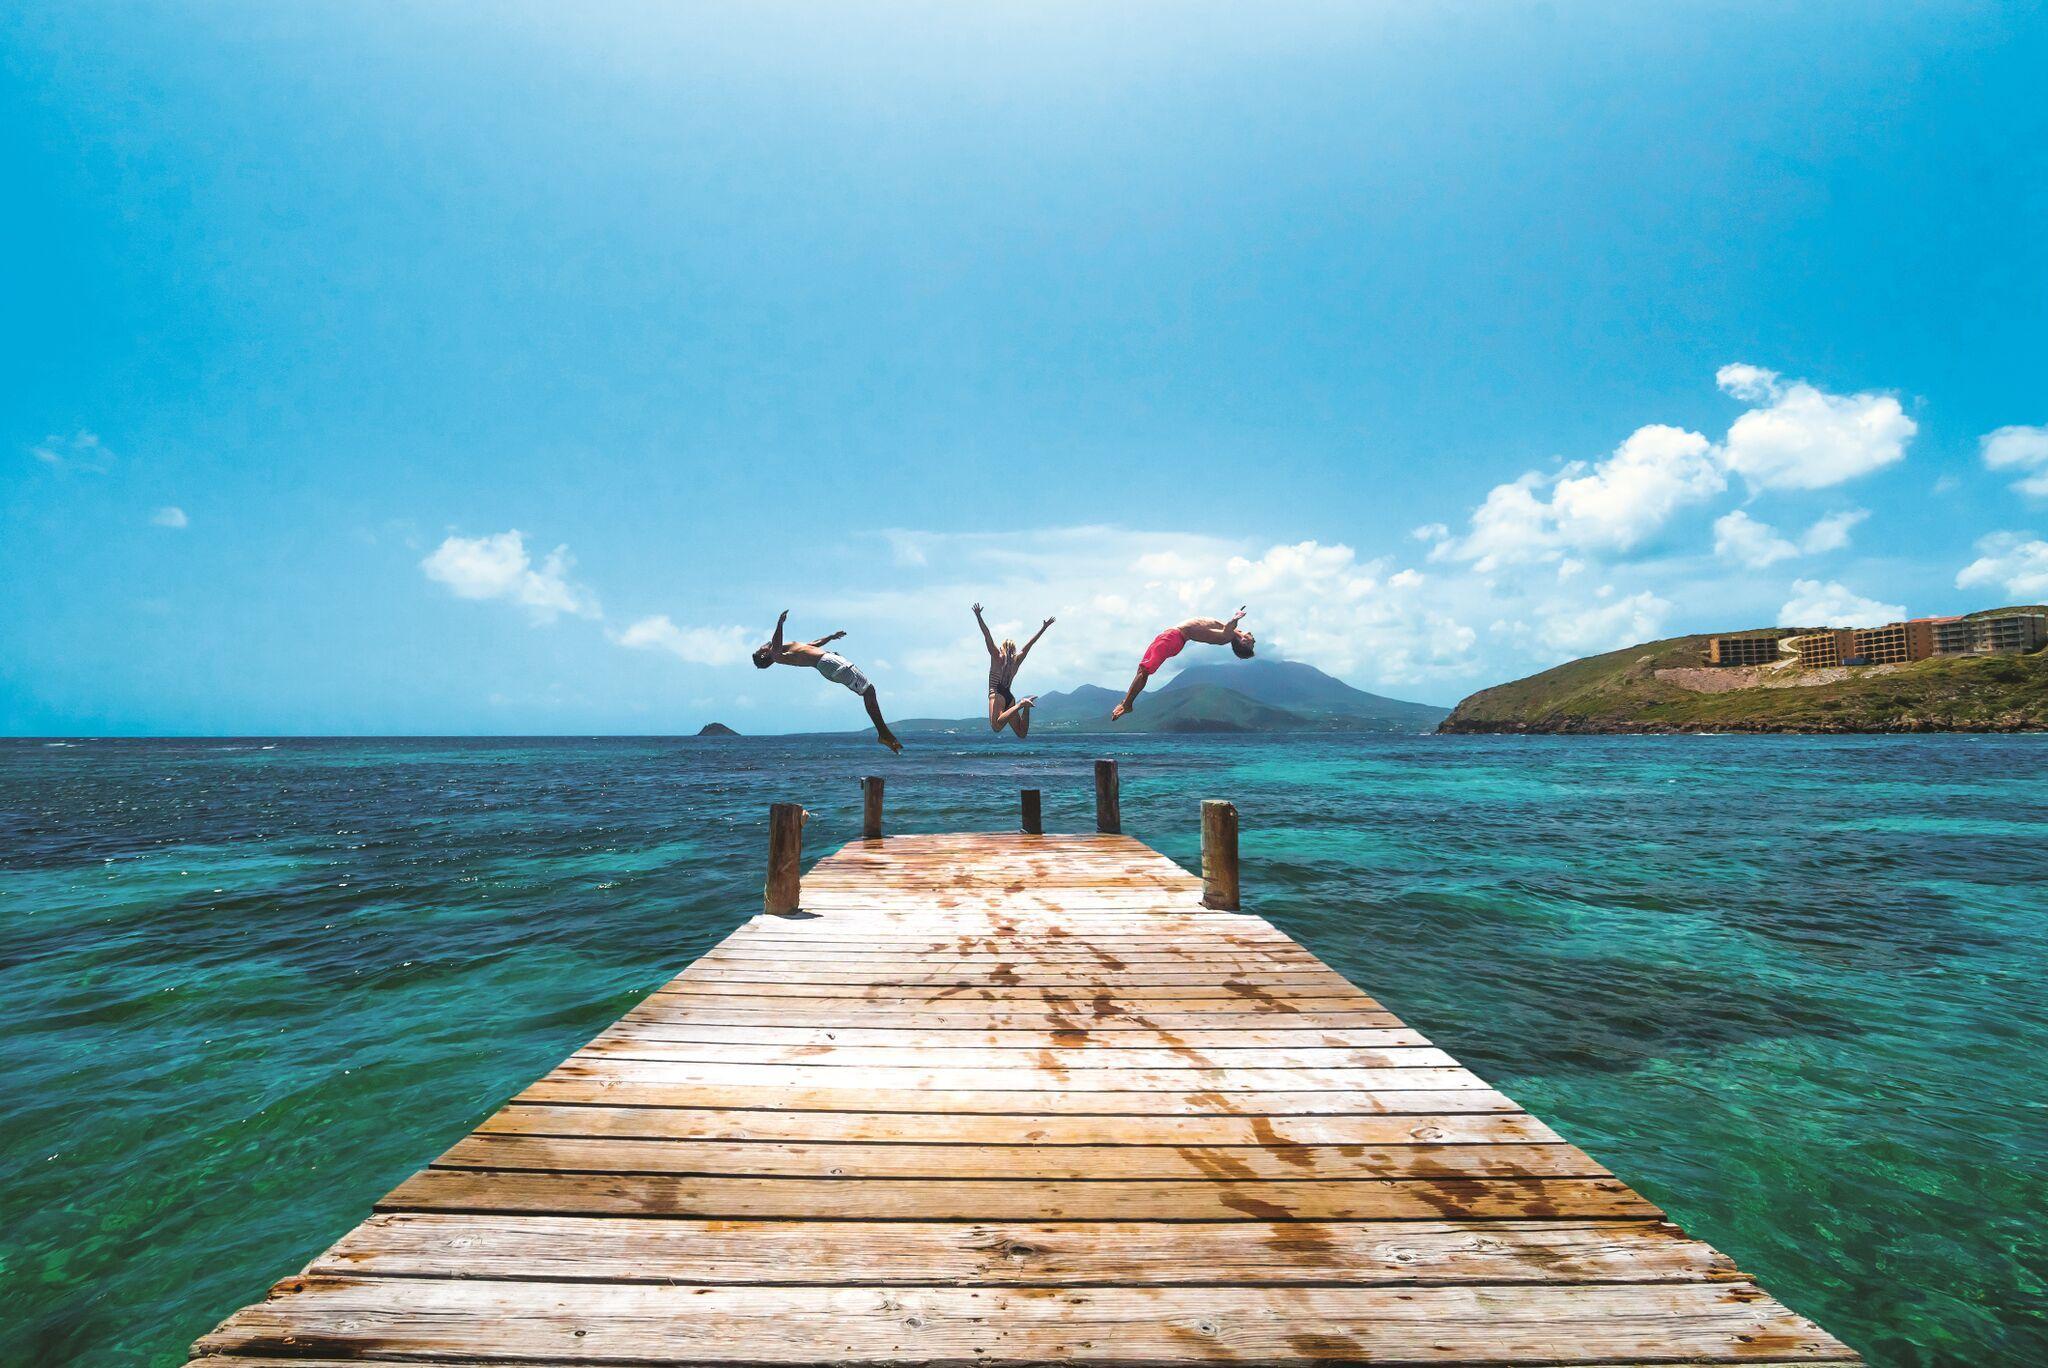 Travel: An Eastern Caribbean cruise on Royal Caribbean's Harmony of the Seas